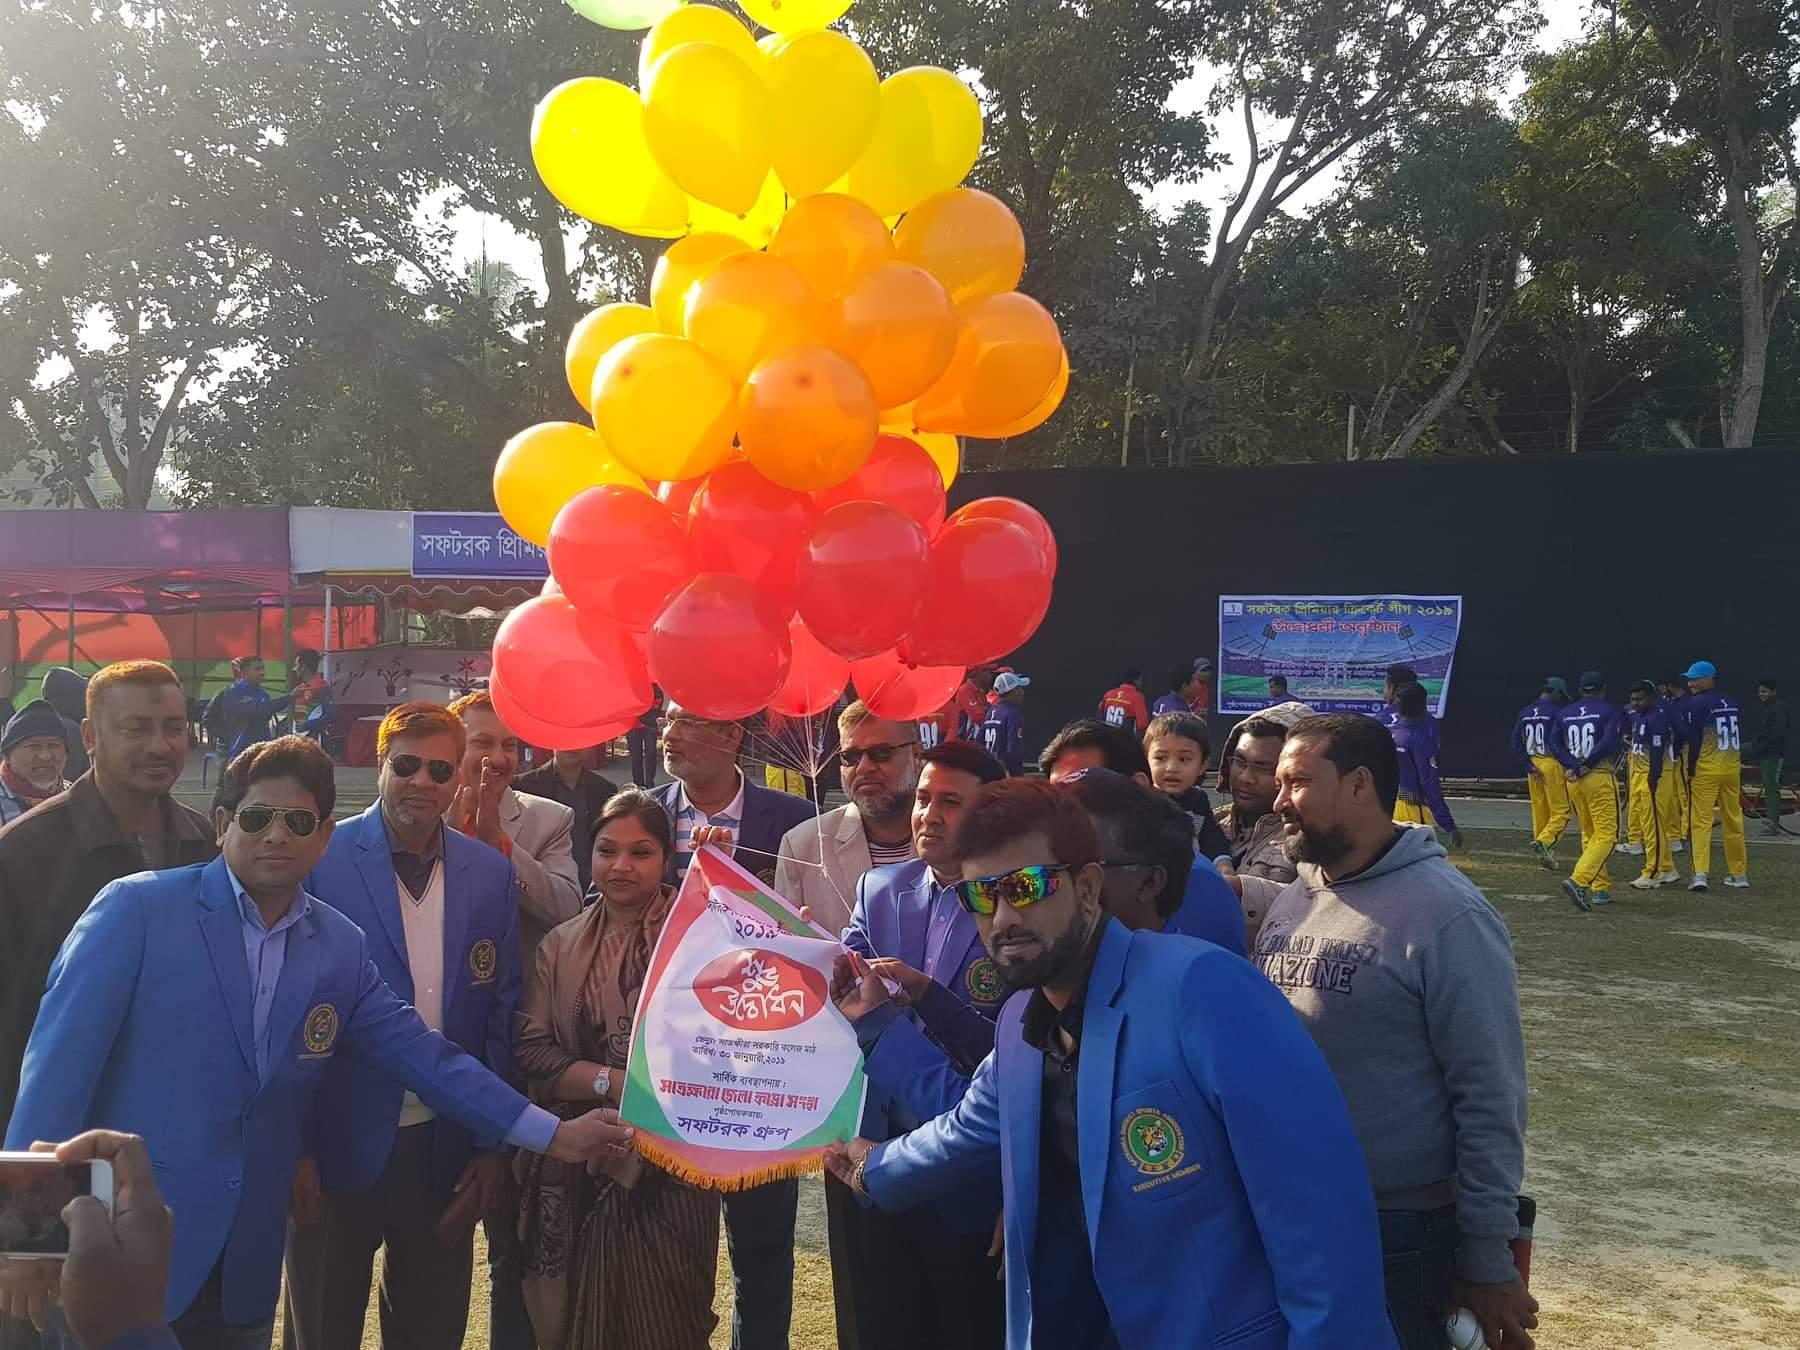 তালায় শহীদ আলী আহম্মদ সরকারি বালিকা বিদ্যালয়ে বার্ষিক ক্রীড়া ও সাংস্কৃতিক প্রতিযোগিতার পুরস্কার বিতরণ